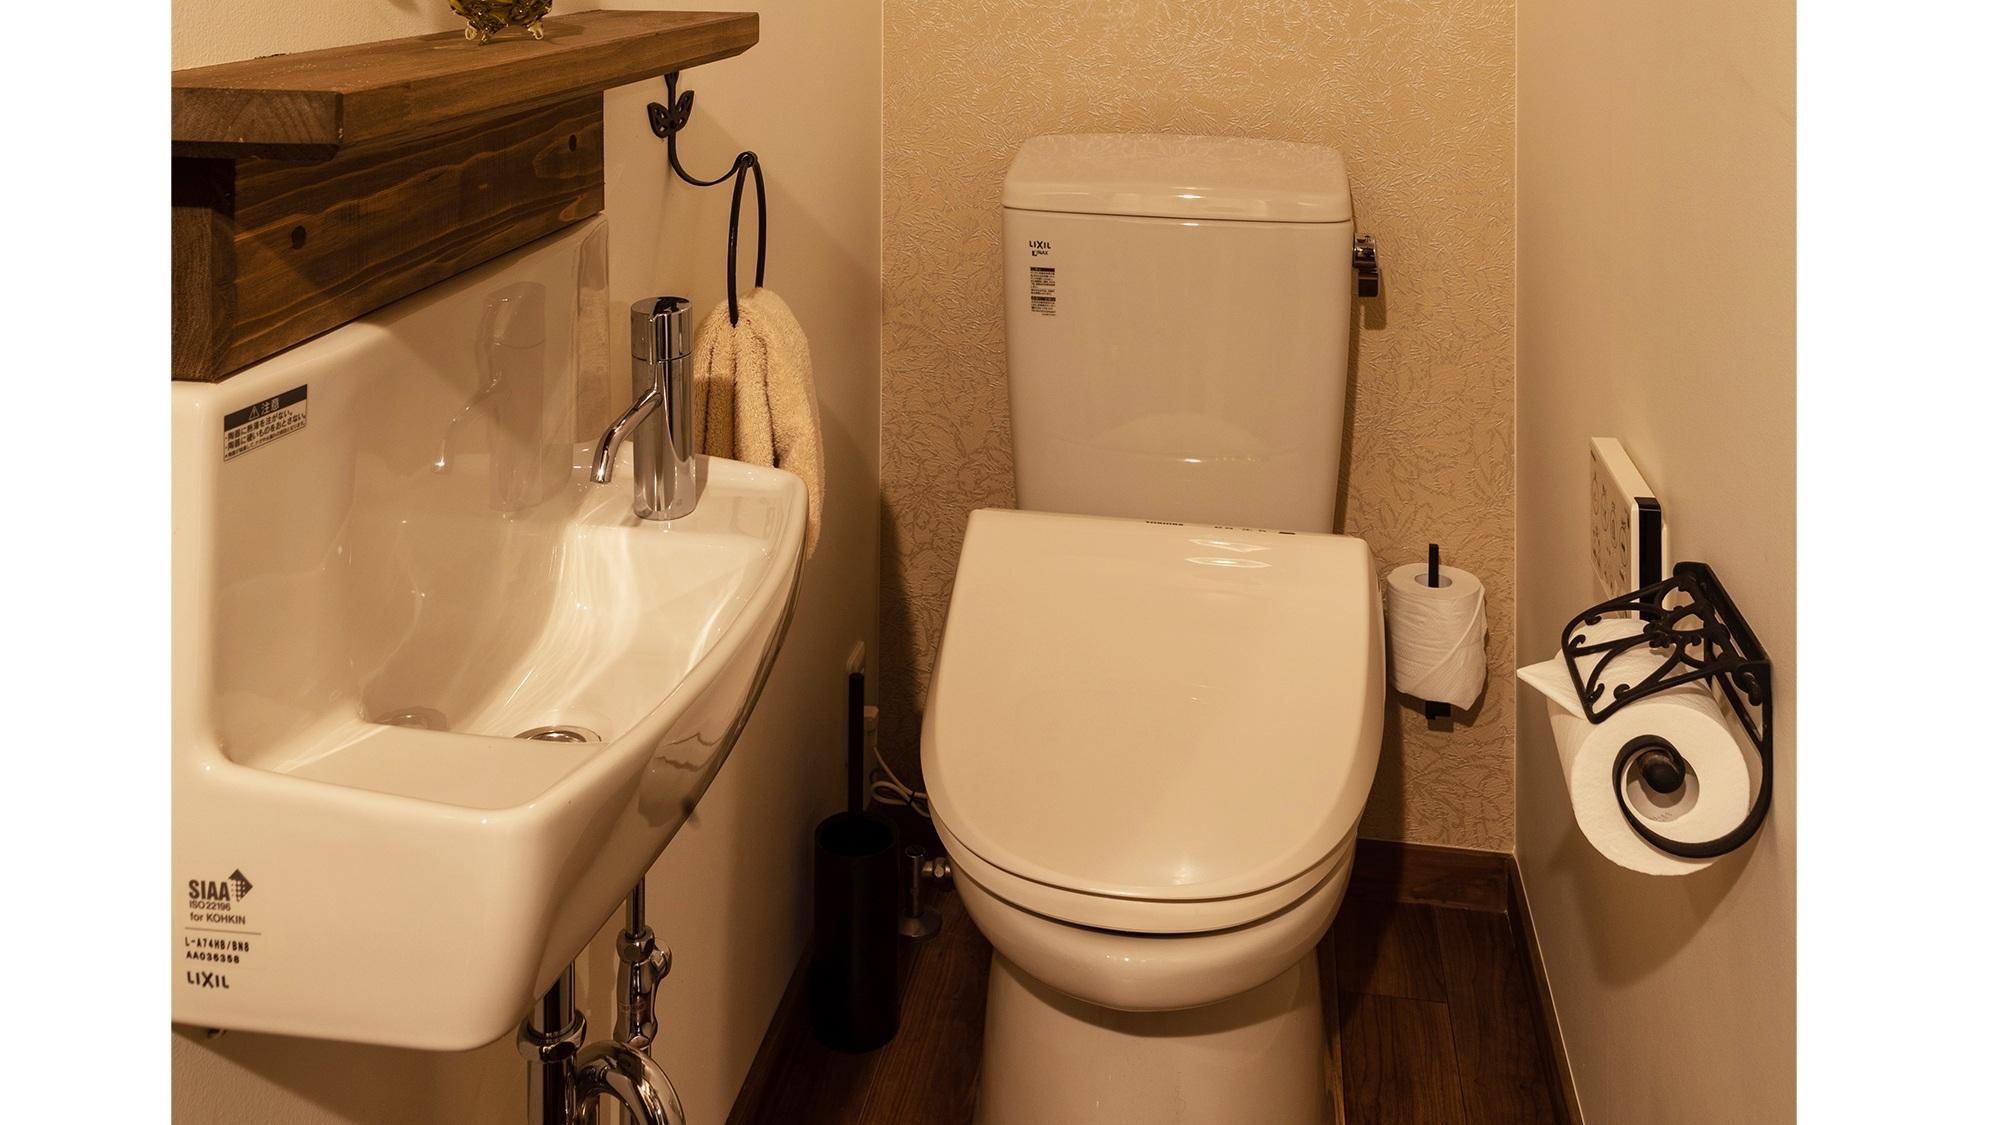 ・当施設は2階にもお手洗いがあり、計2か所ご利用可能